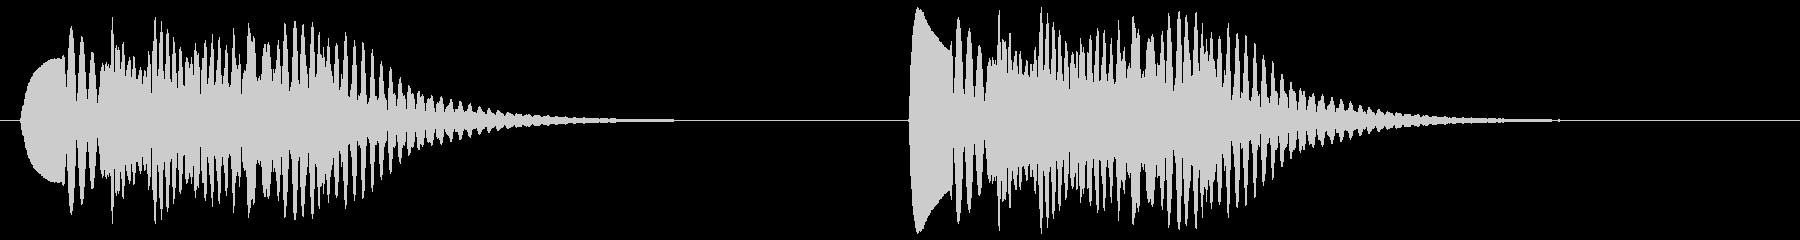 ピヨピヨ(ひよこ等、ゲーム風)の未再生の波形